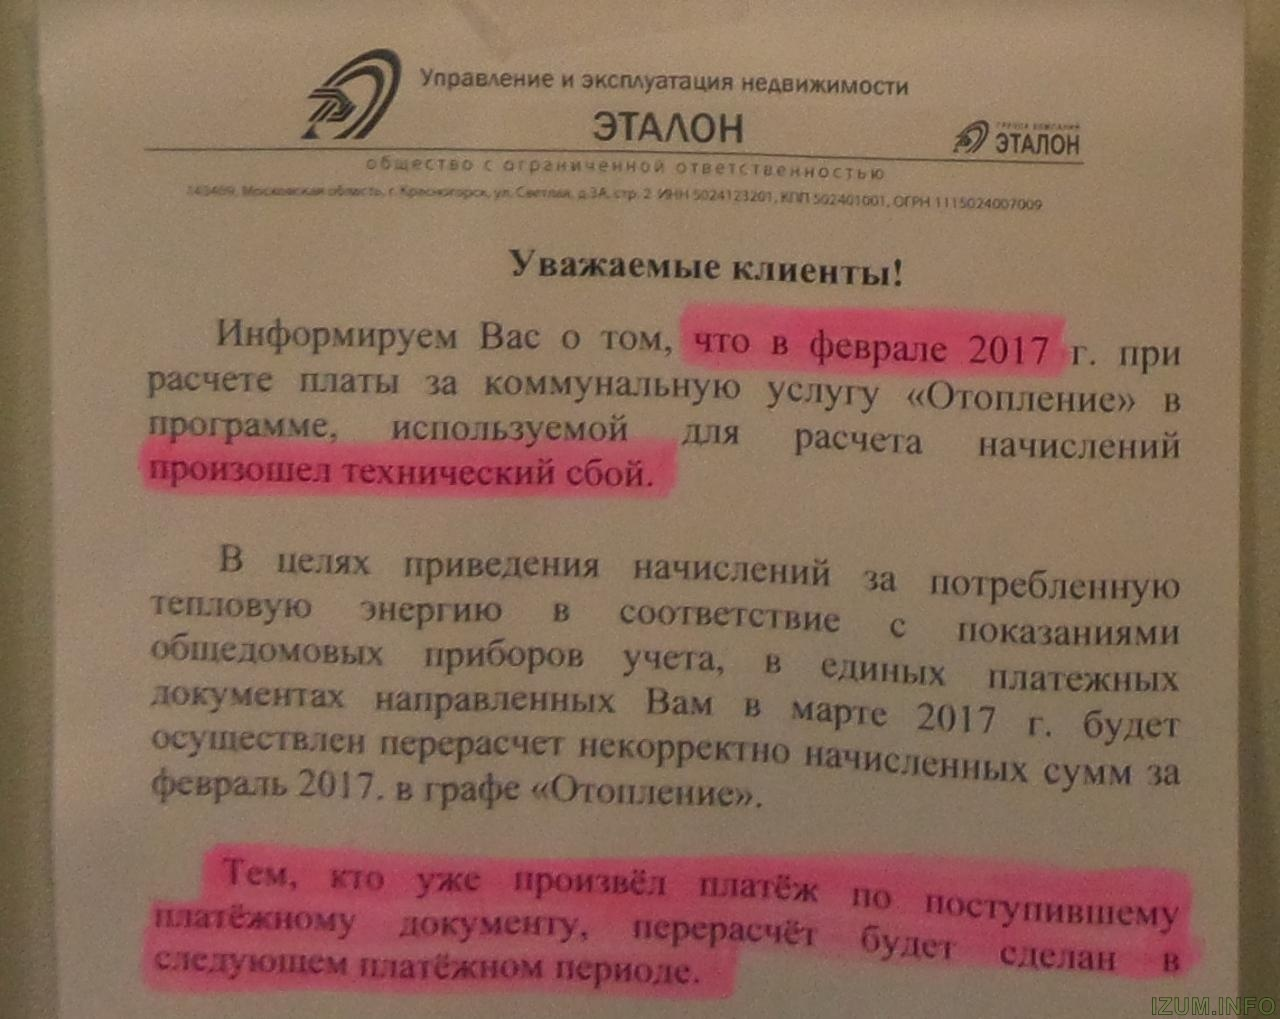 ЖК Изумрудные холмы объявление о перерасчёте ЖКХ. izum.info.jpg